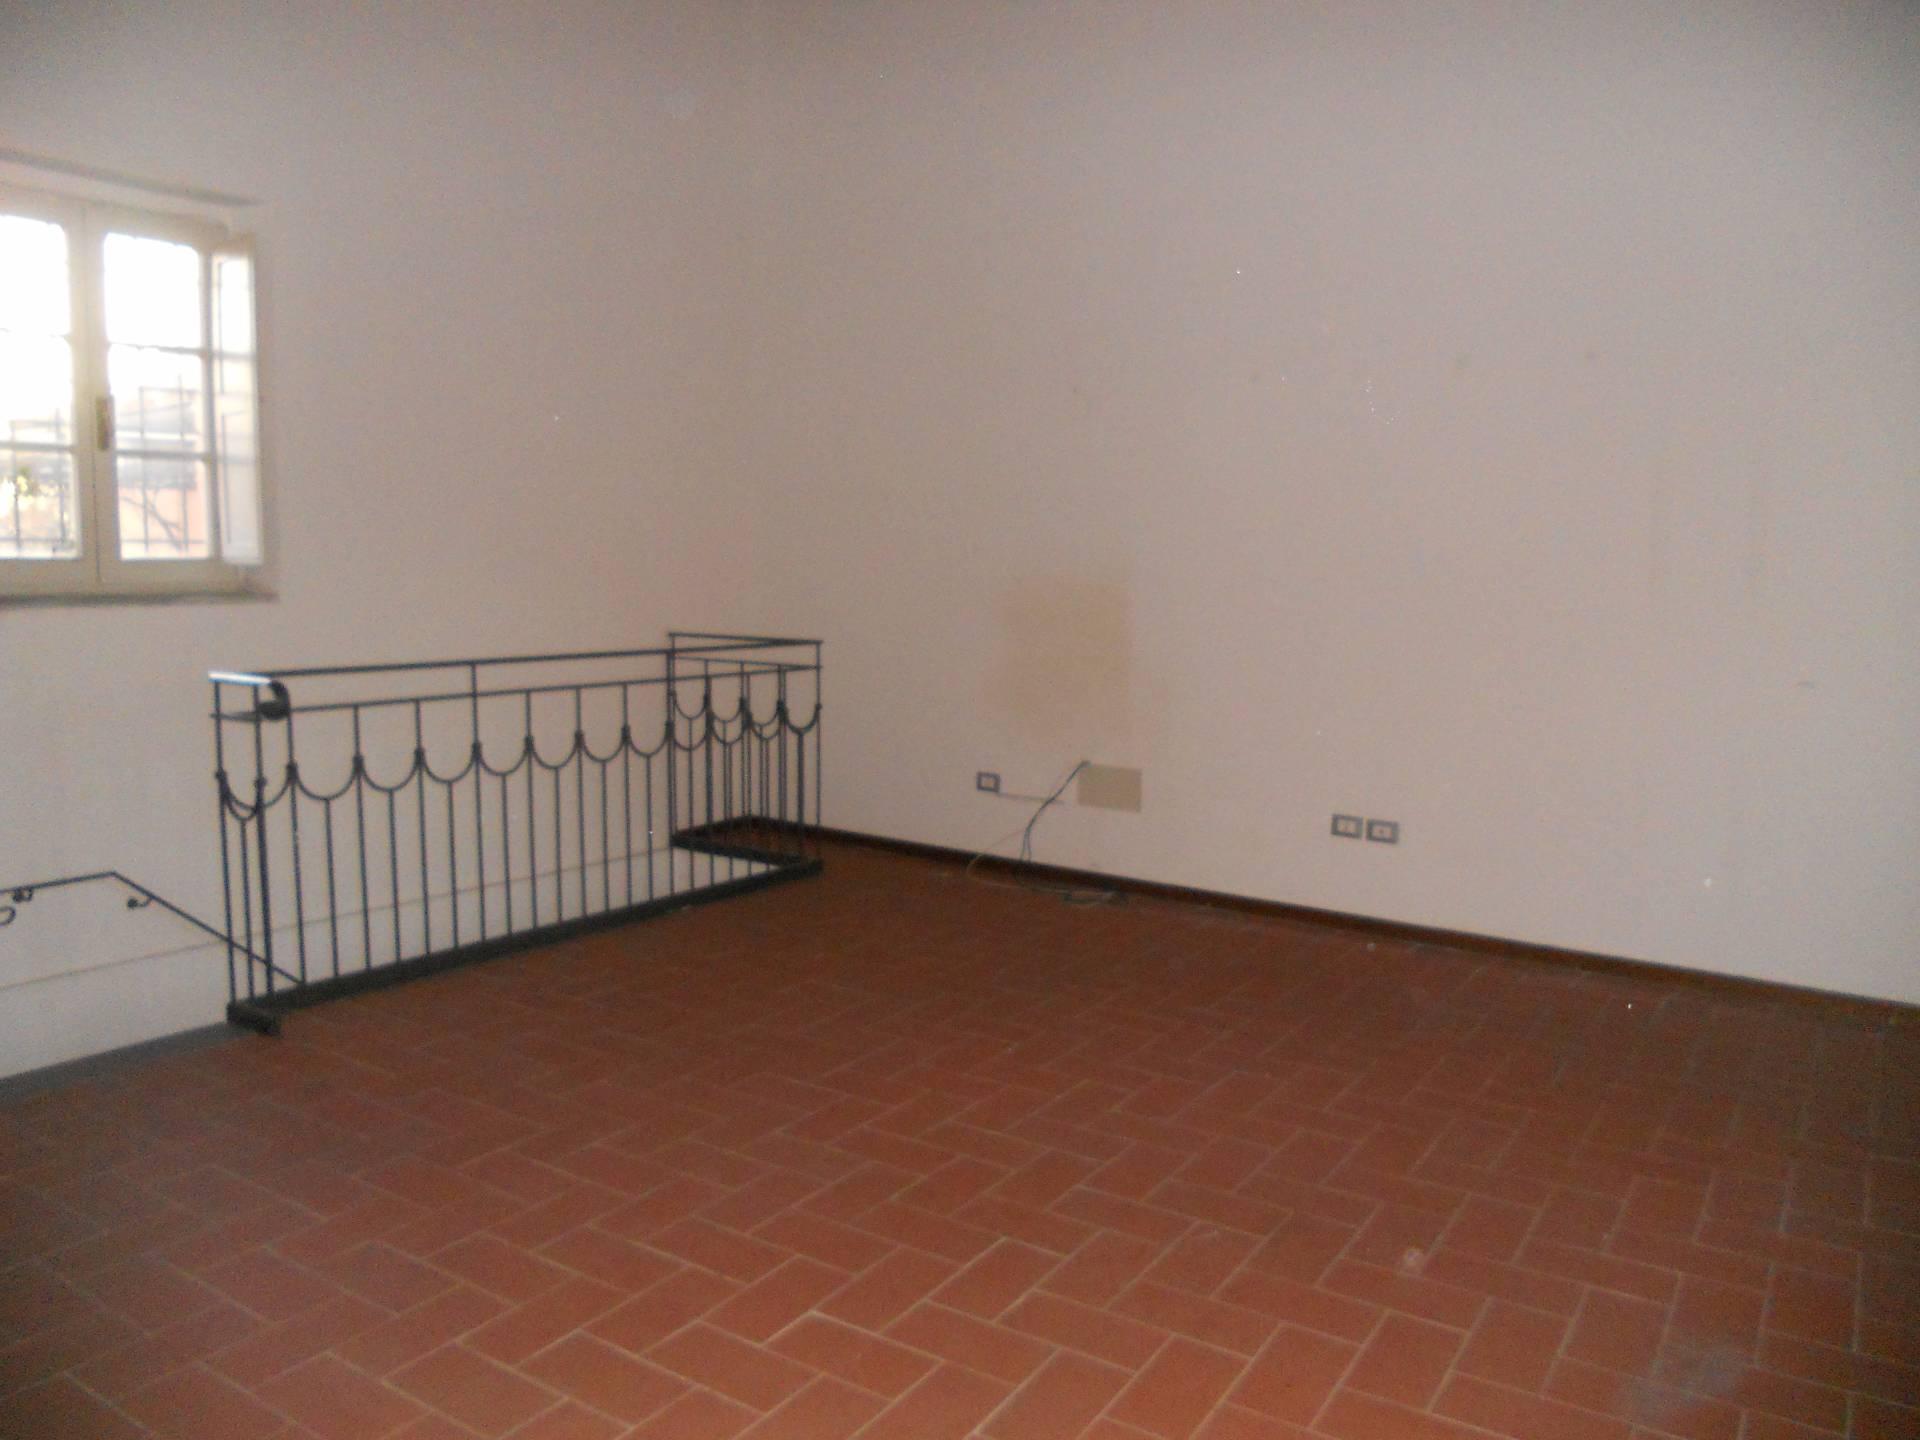 Appartamento in affitto a Cascina, 3 locali, zona Località: SanGiorgio, prezzo € 500 | Cambio Casa.it